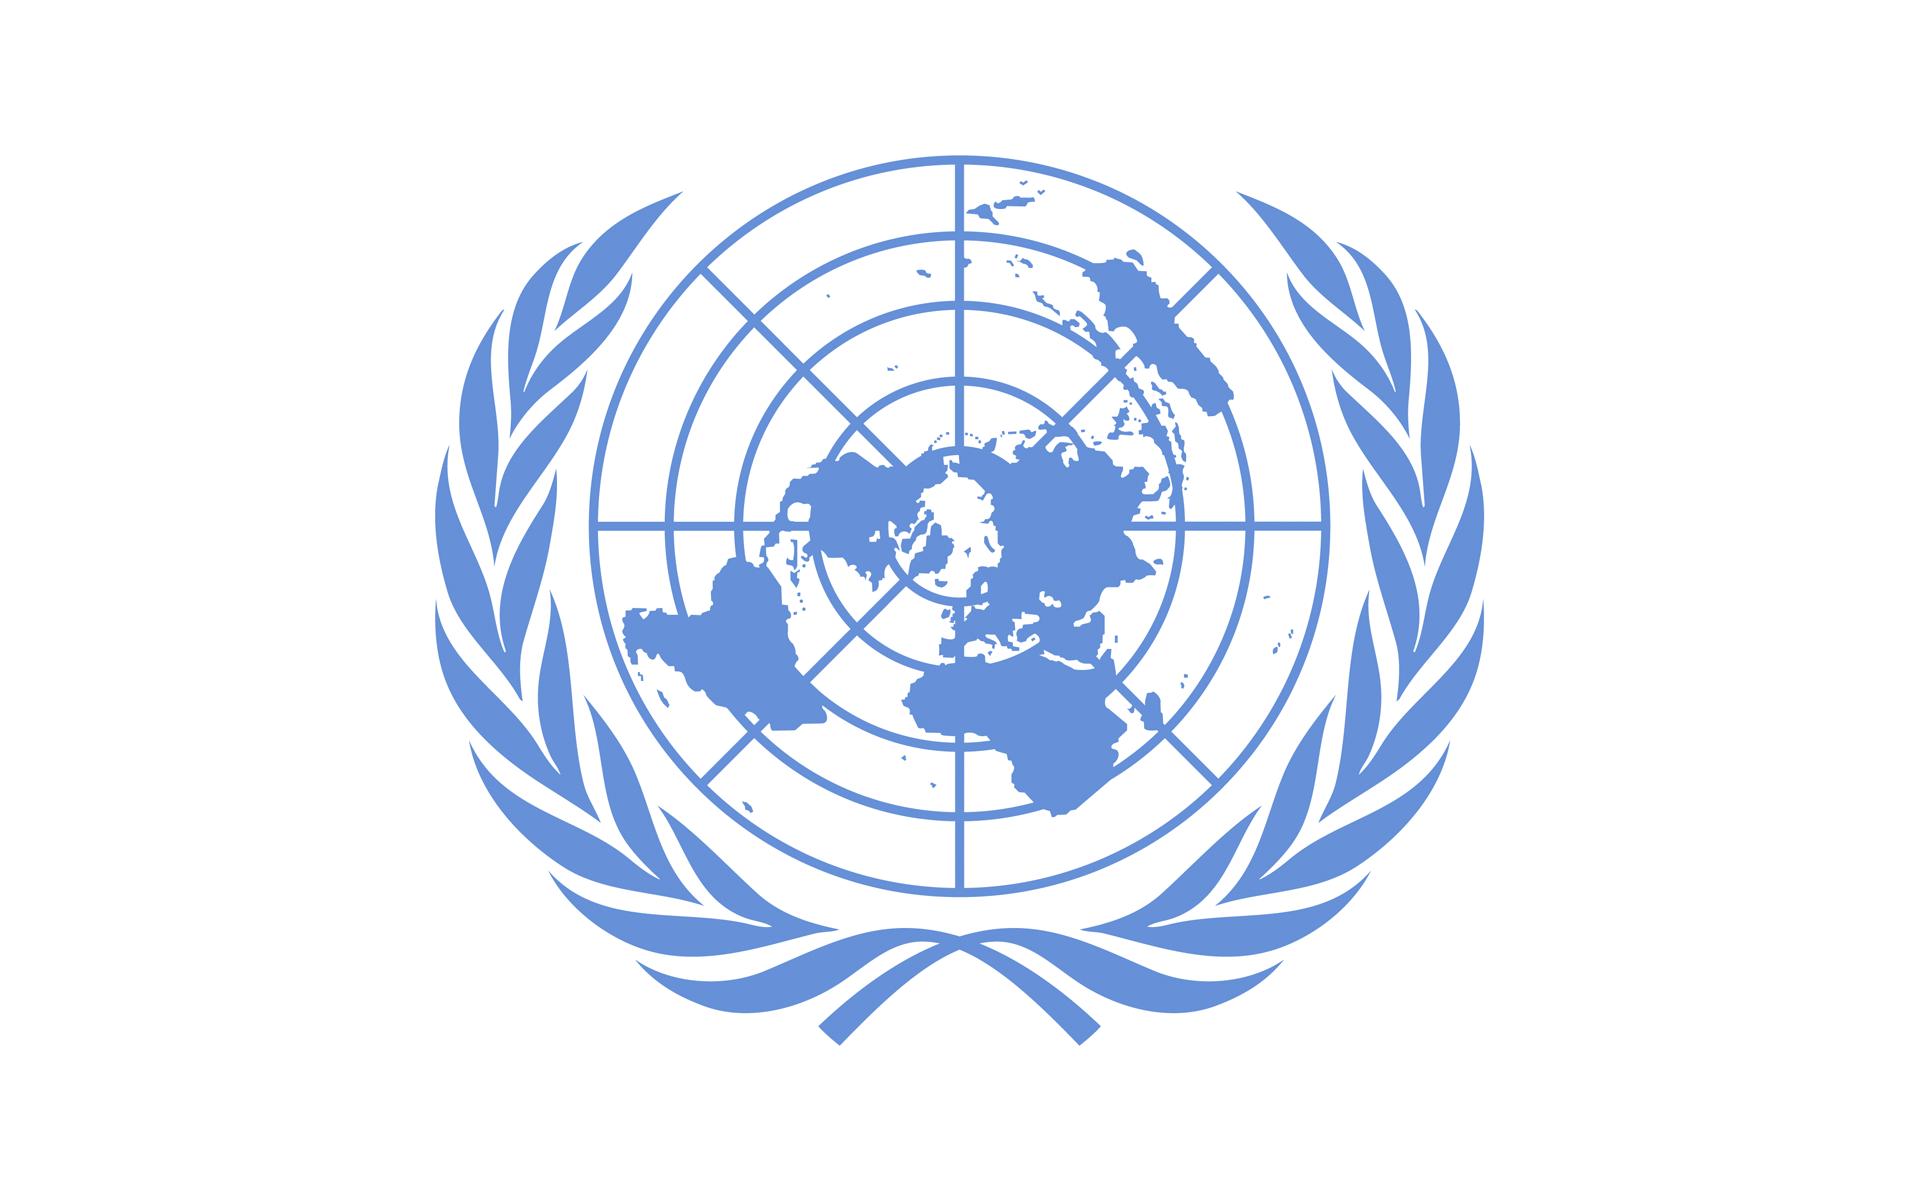 Вакансия ведущего исследователя инноваций, ООН